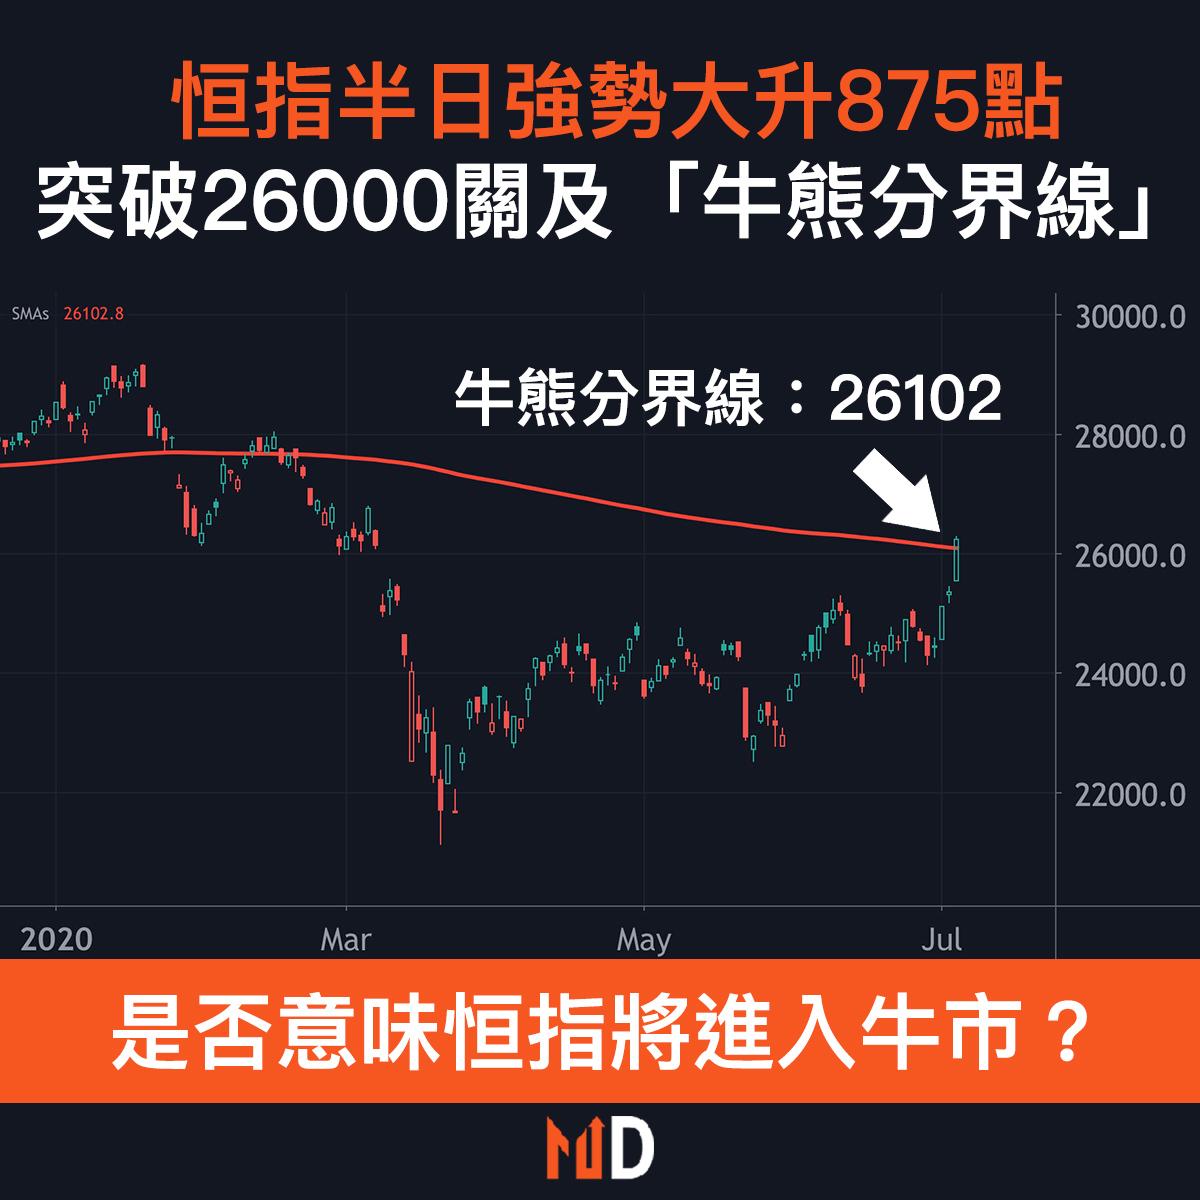 【市場熱話】恒指半日強勢大升875點,突破26000關及「牛熊分界線」